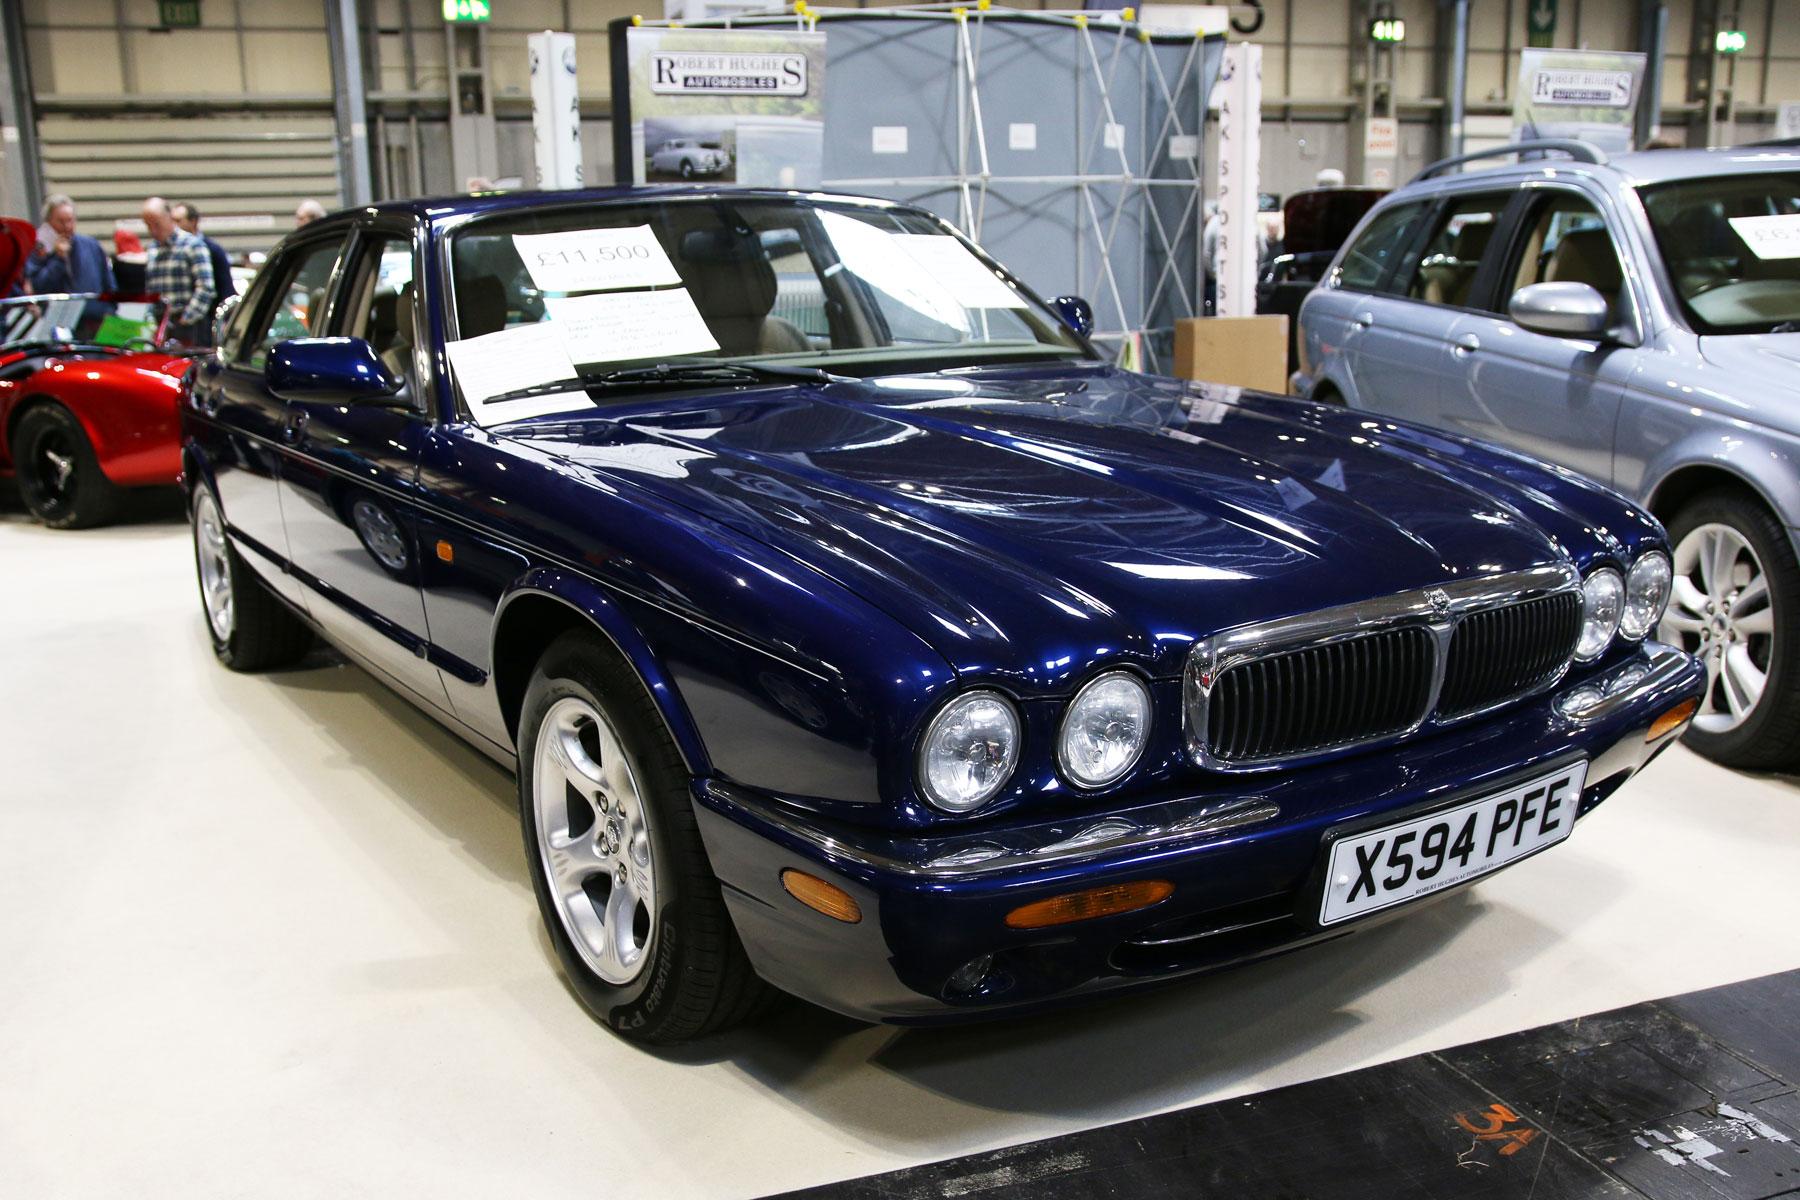 Jaguar XJ8: £11,500